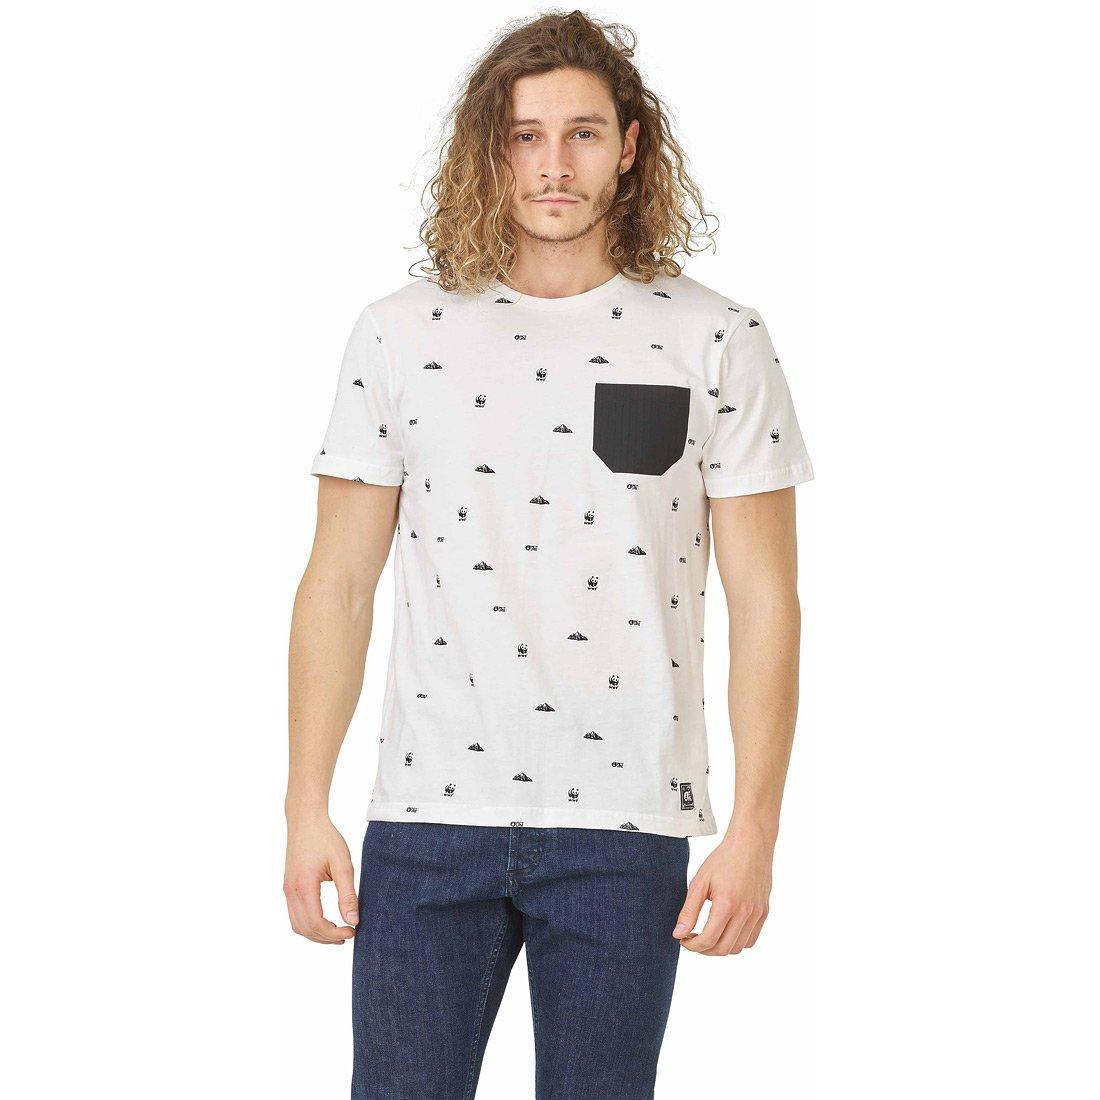 חולצה לגברים - WWF Allo T - Picture Organic